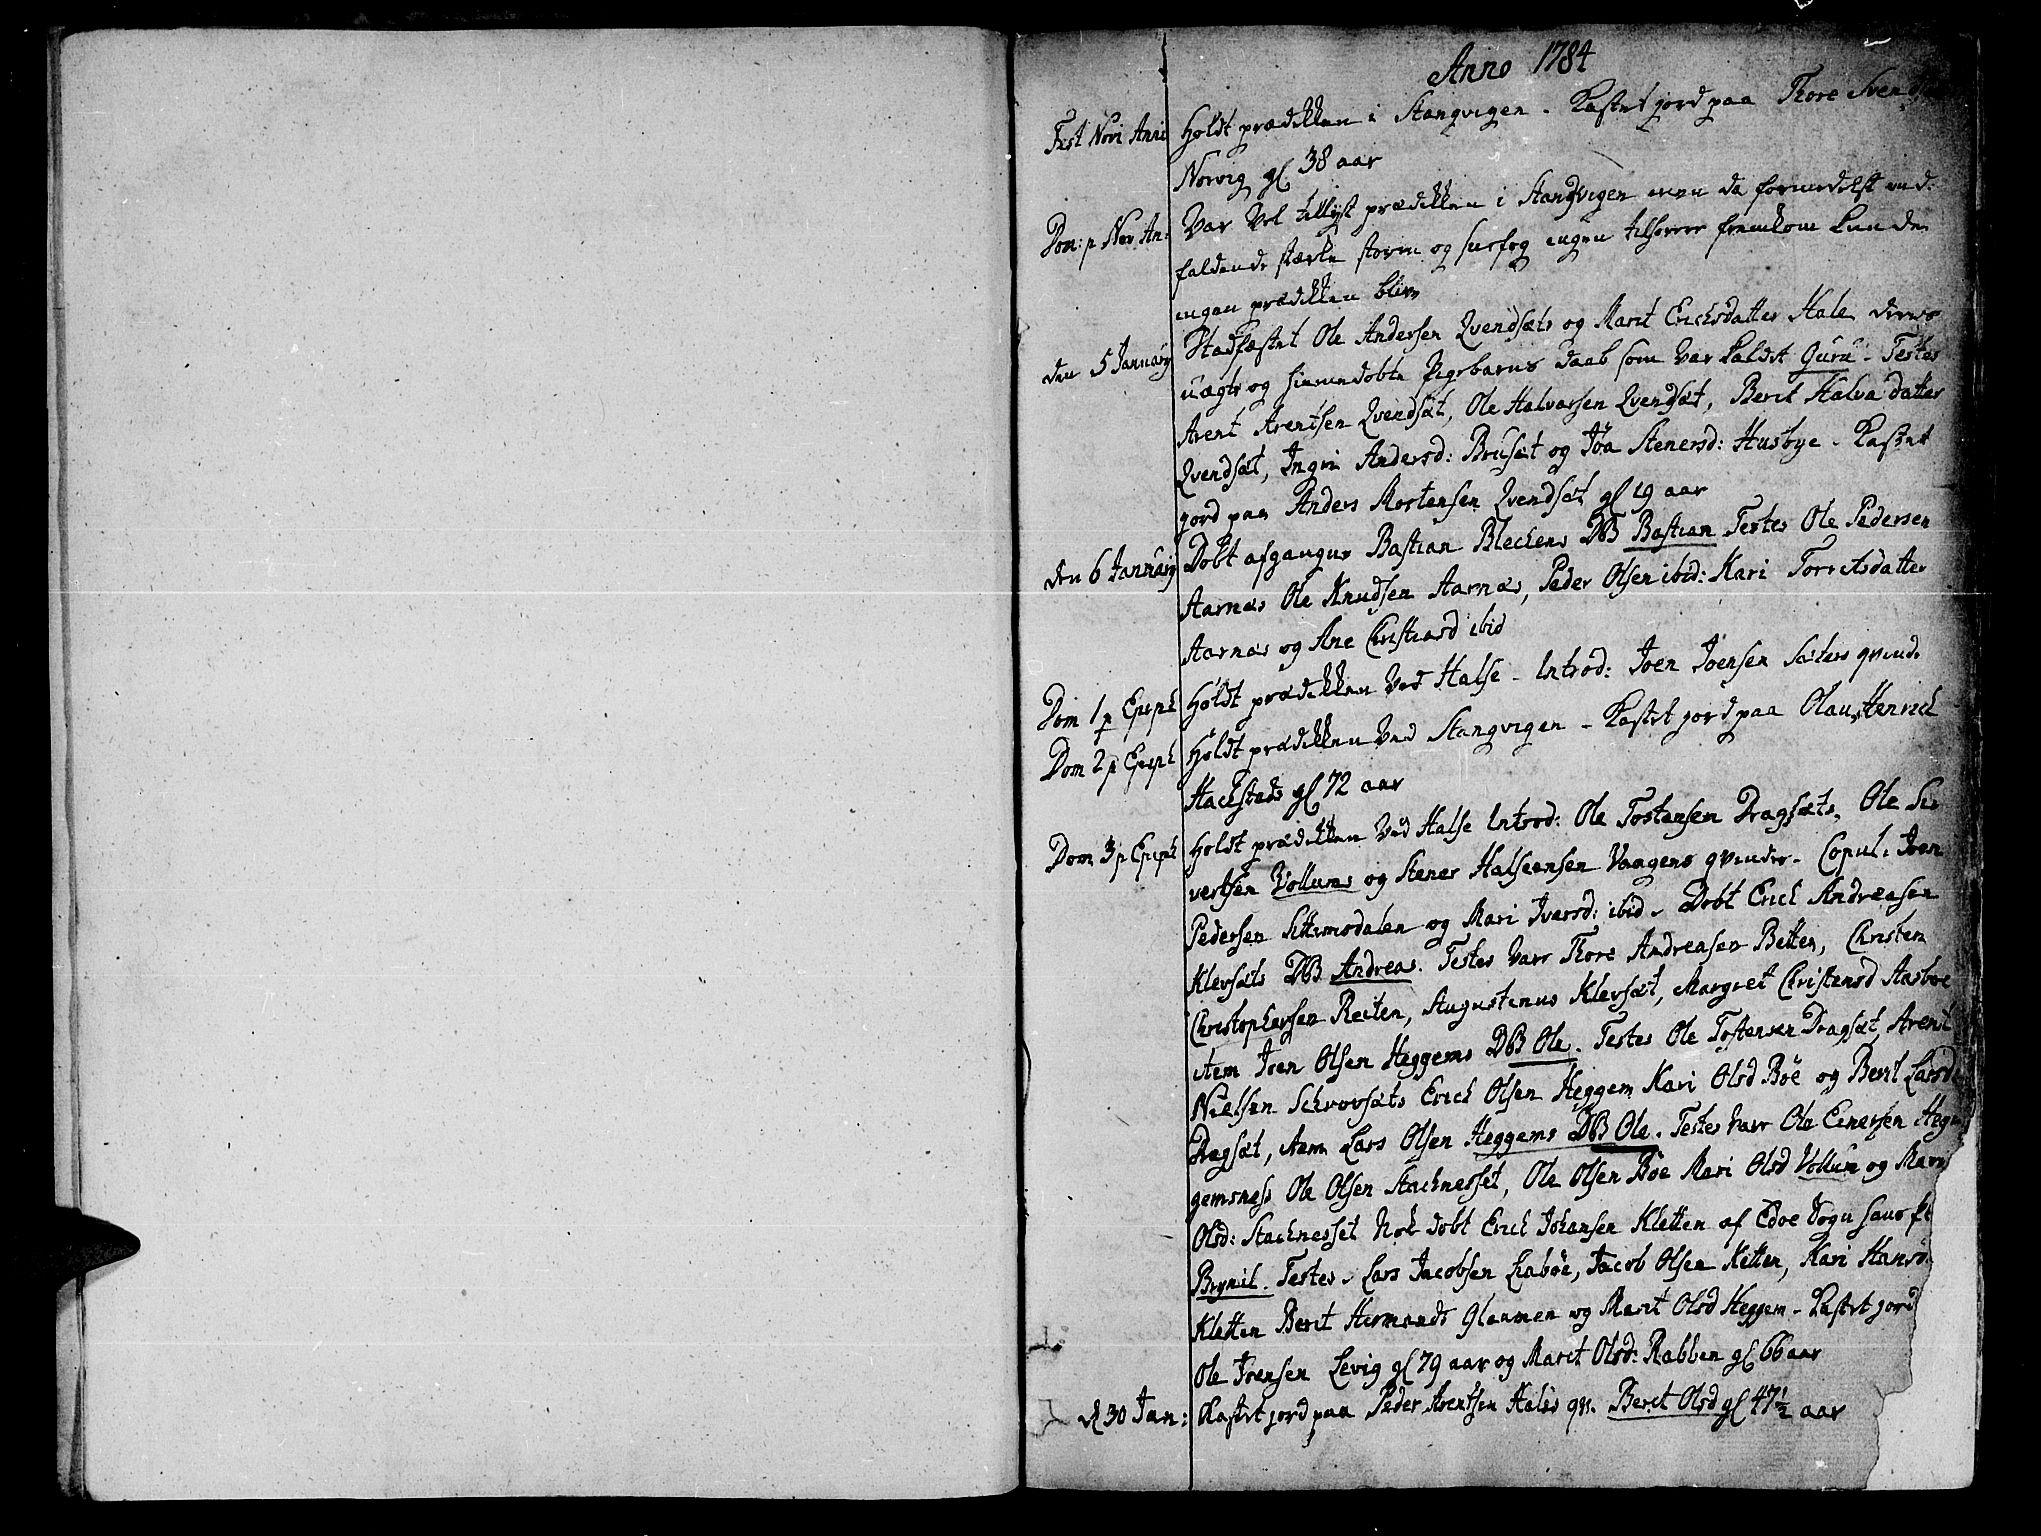 SAT, Ministerialprotokoller, klokkerbøker og fødselsregistre - Møre og Romsdal, 592/L1022: Ministerialbok nr. 592A01, 1784-1819, s. 1